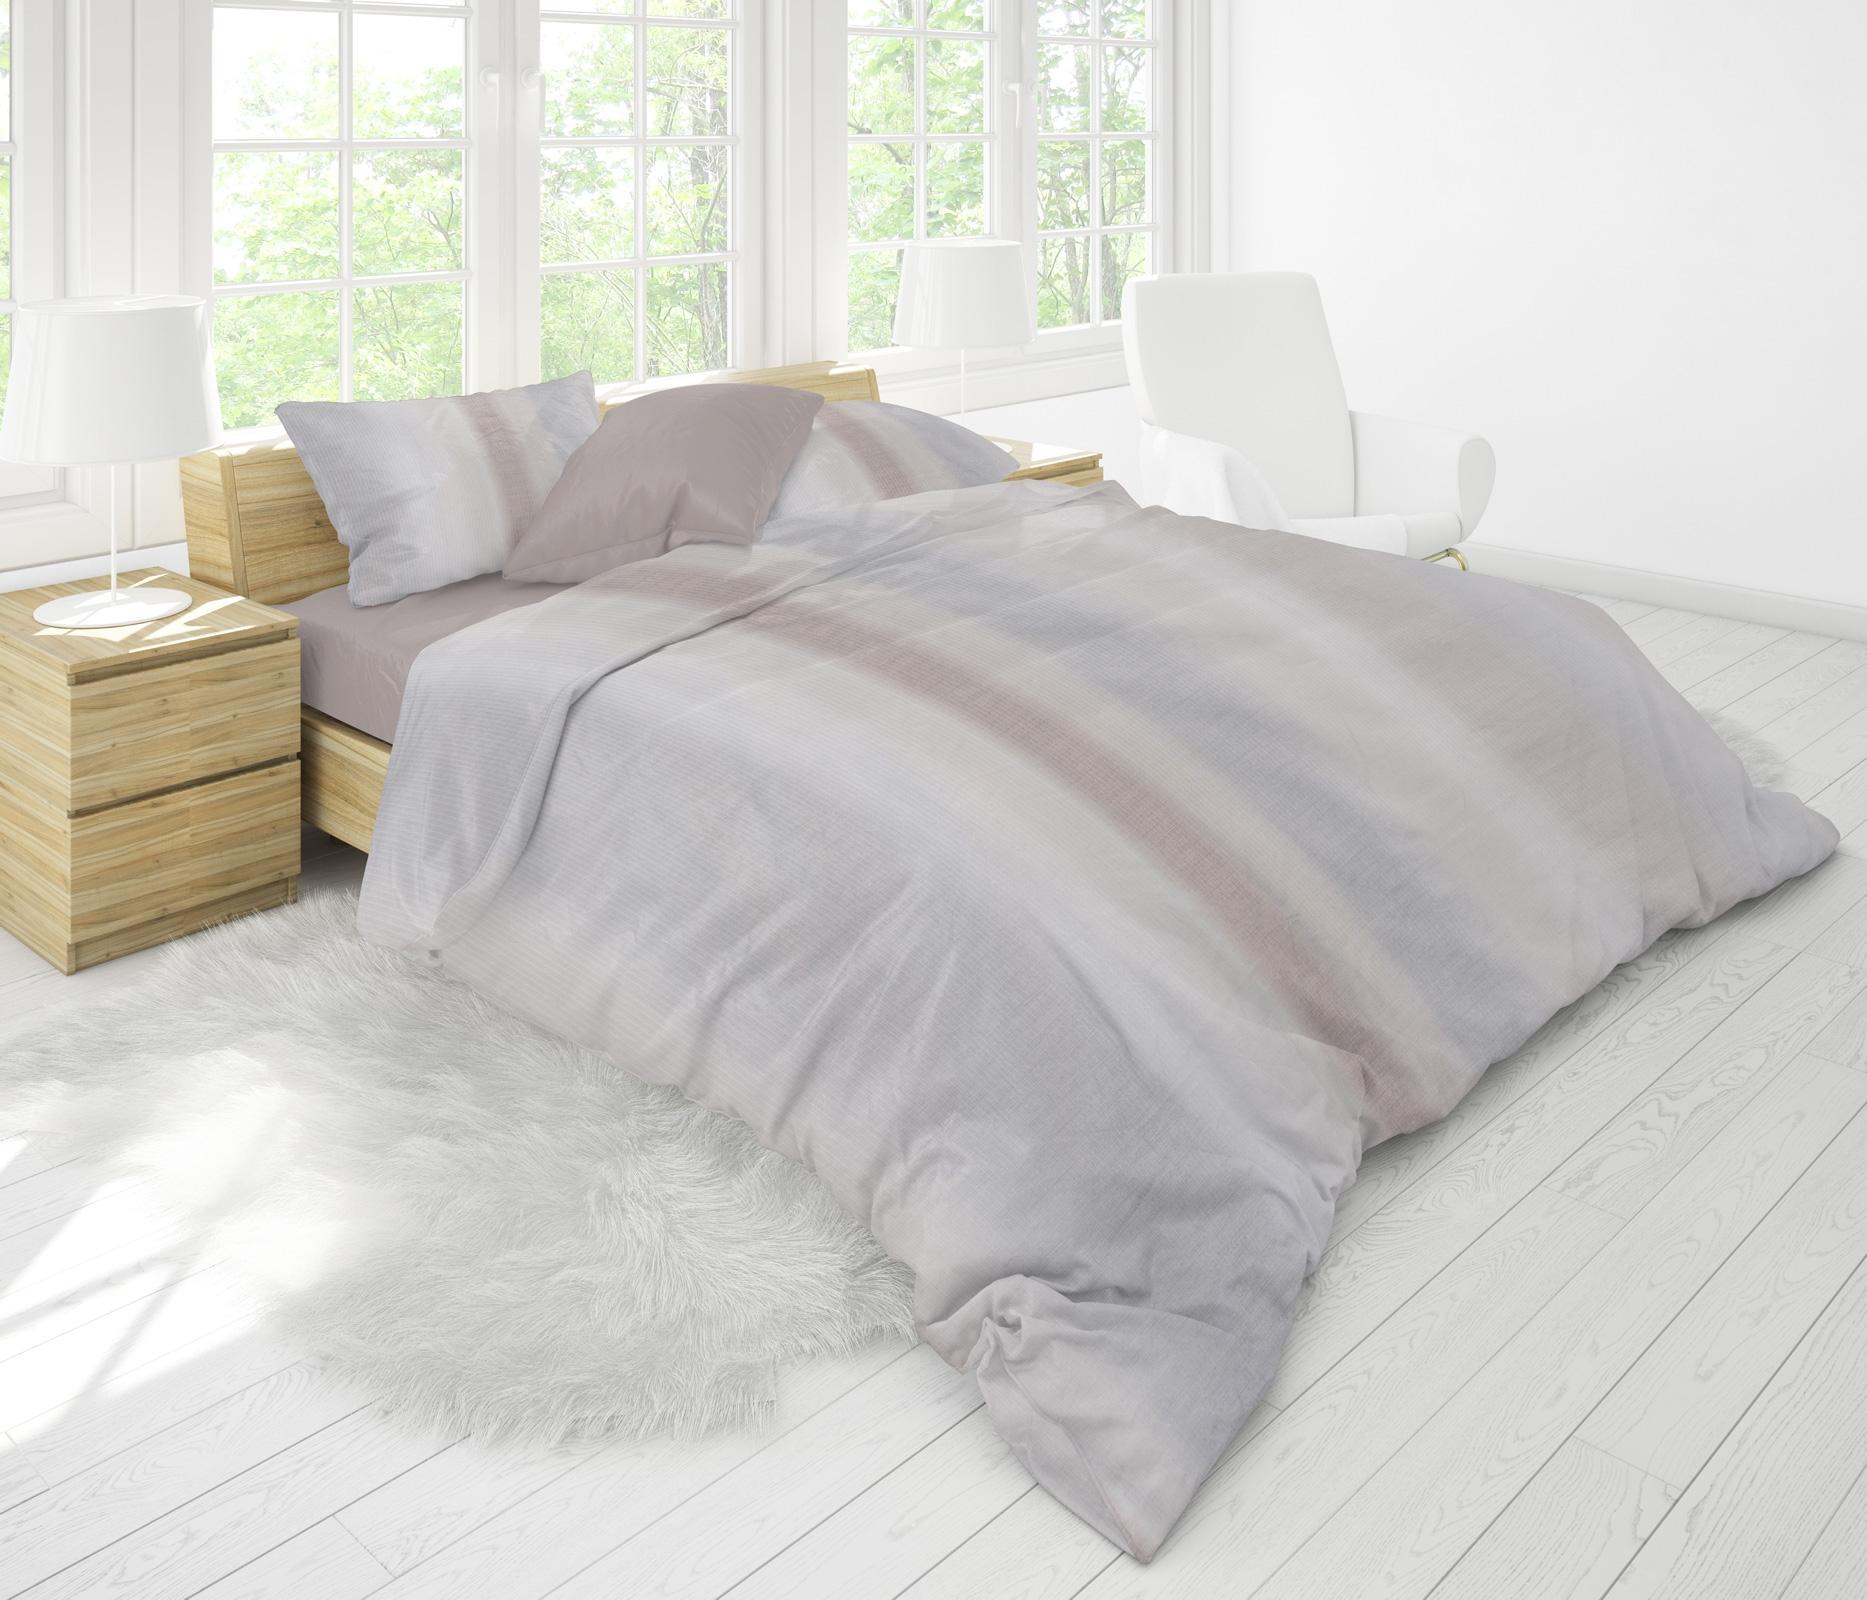 Bettwäsche - MOON Luxury Damast Bettwäsche Rainbow Streifen beige 155x220 80x80 100 Baumwolle YKK Reißverschluss  - Onlineshop PremiumShop321